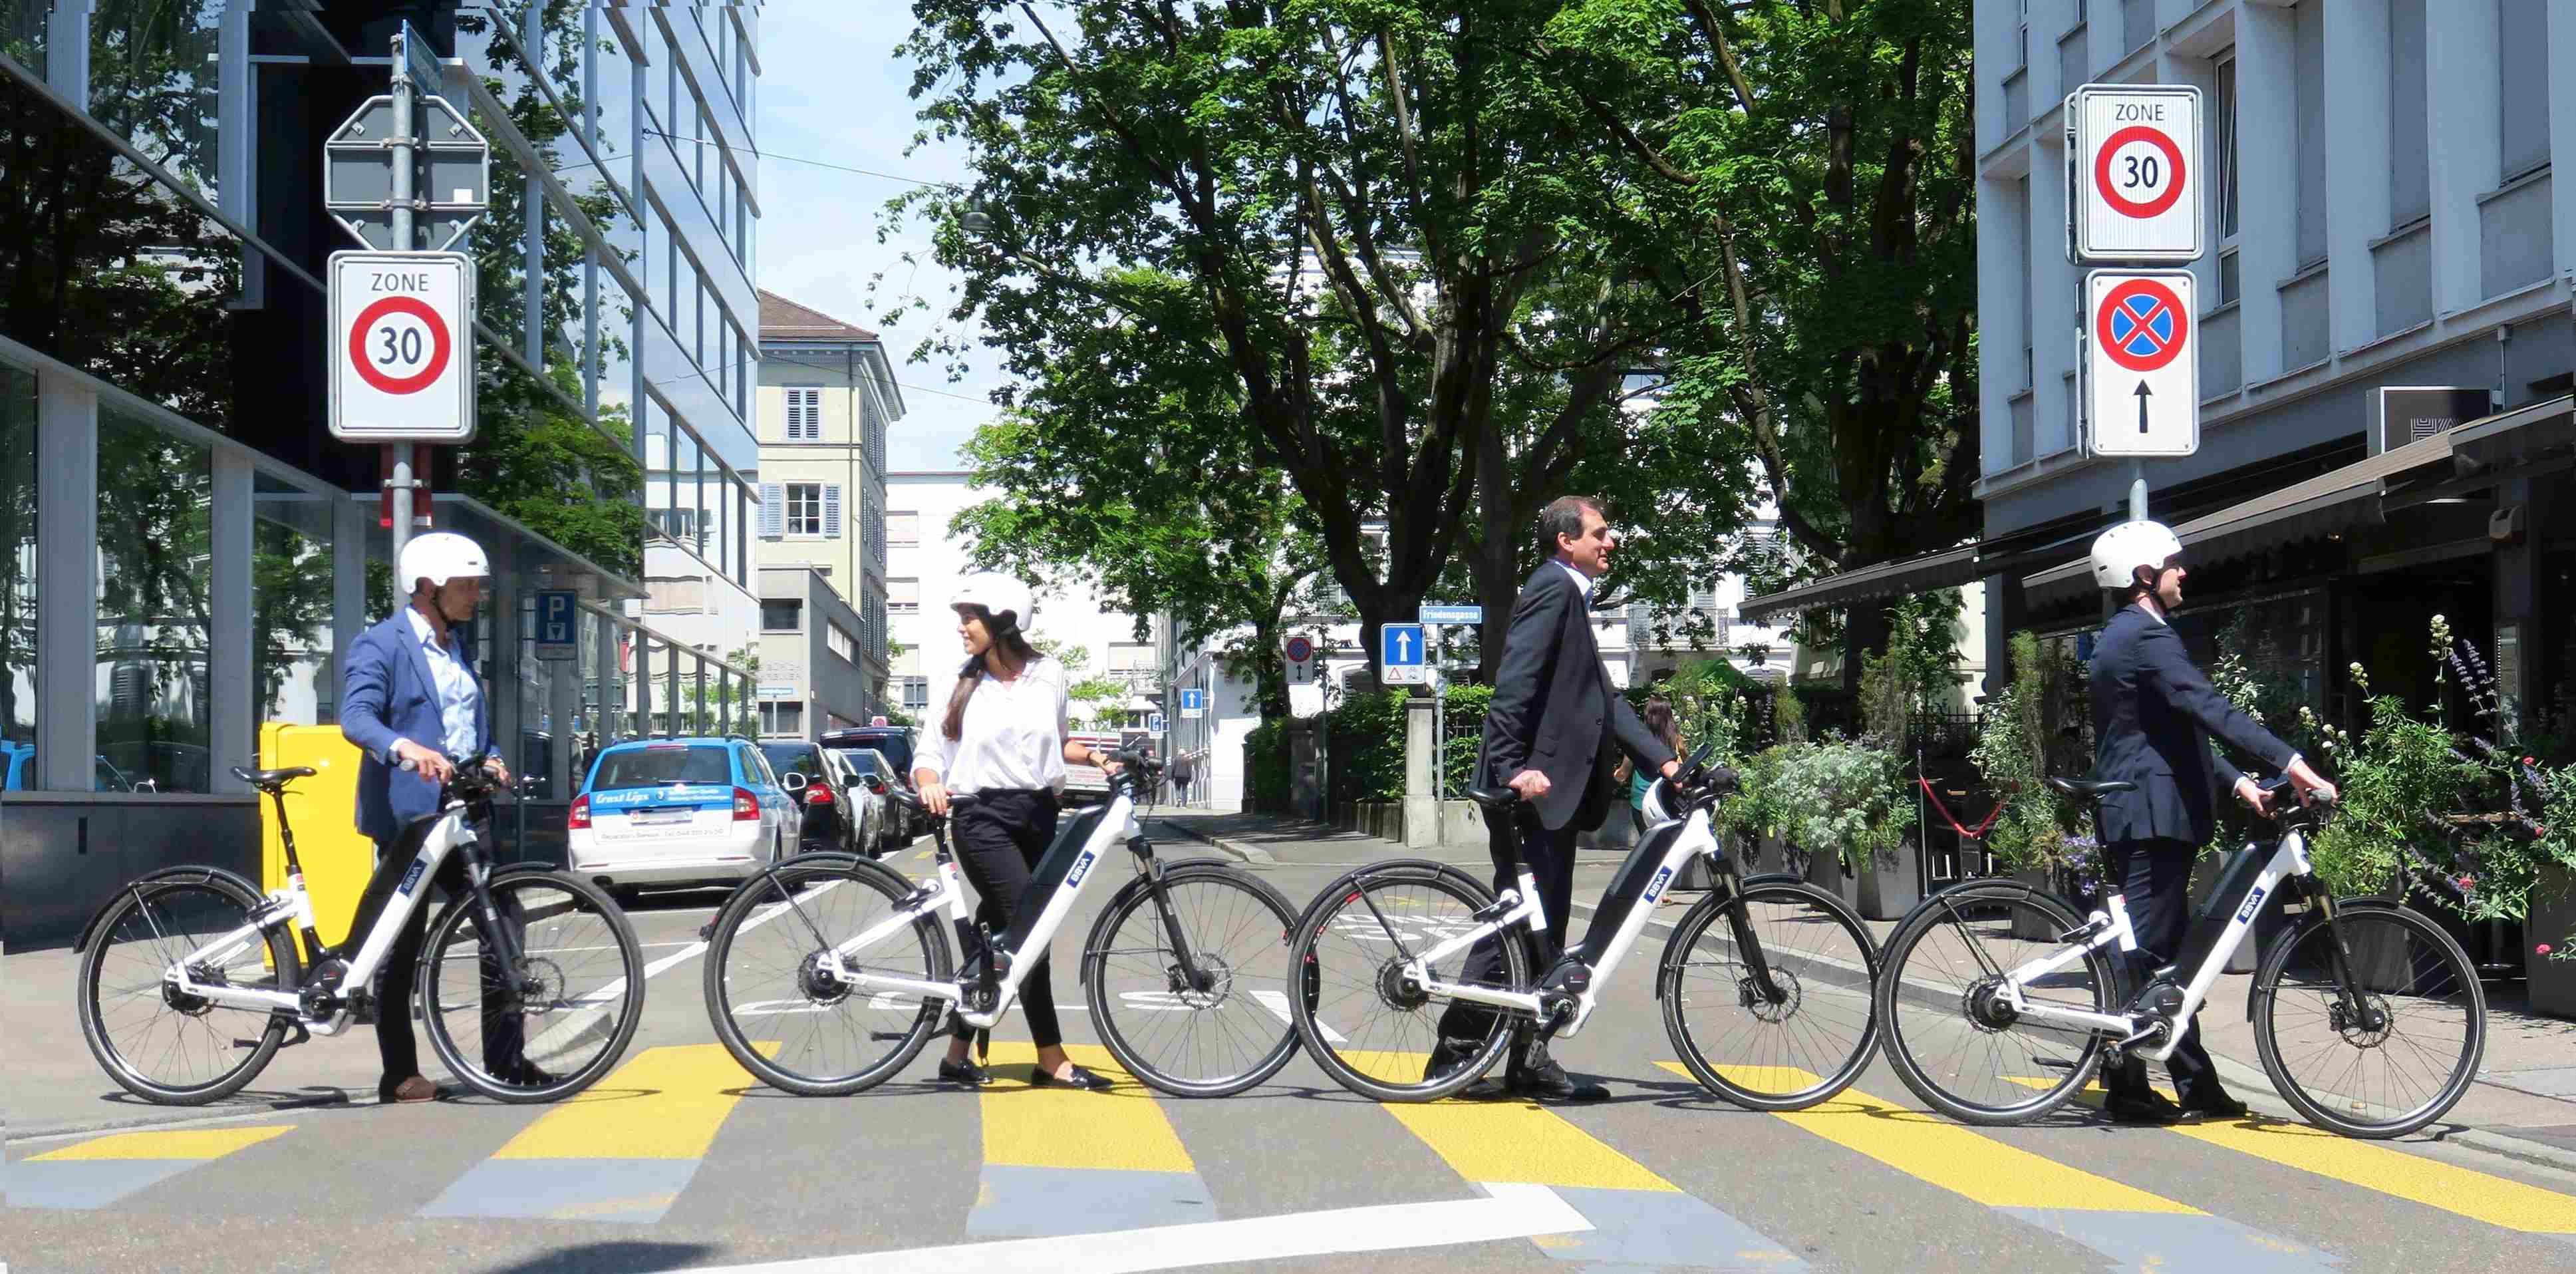 E-Bikes corporativas, la nueva iniciativa sostenible de BBVA en Suiza.